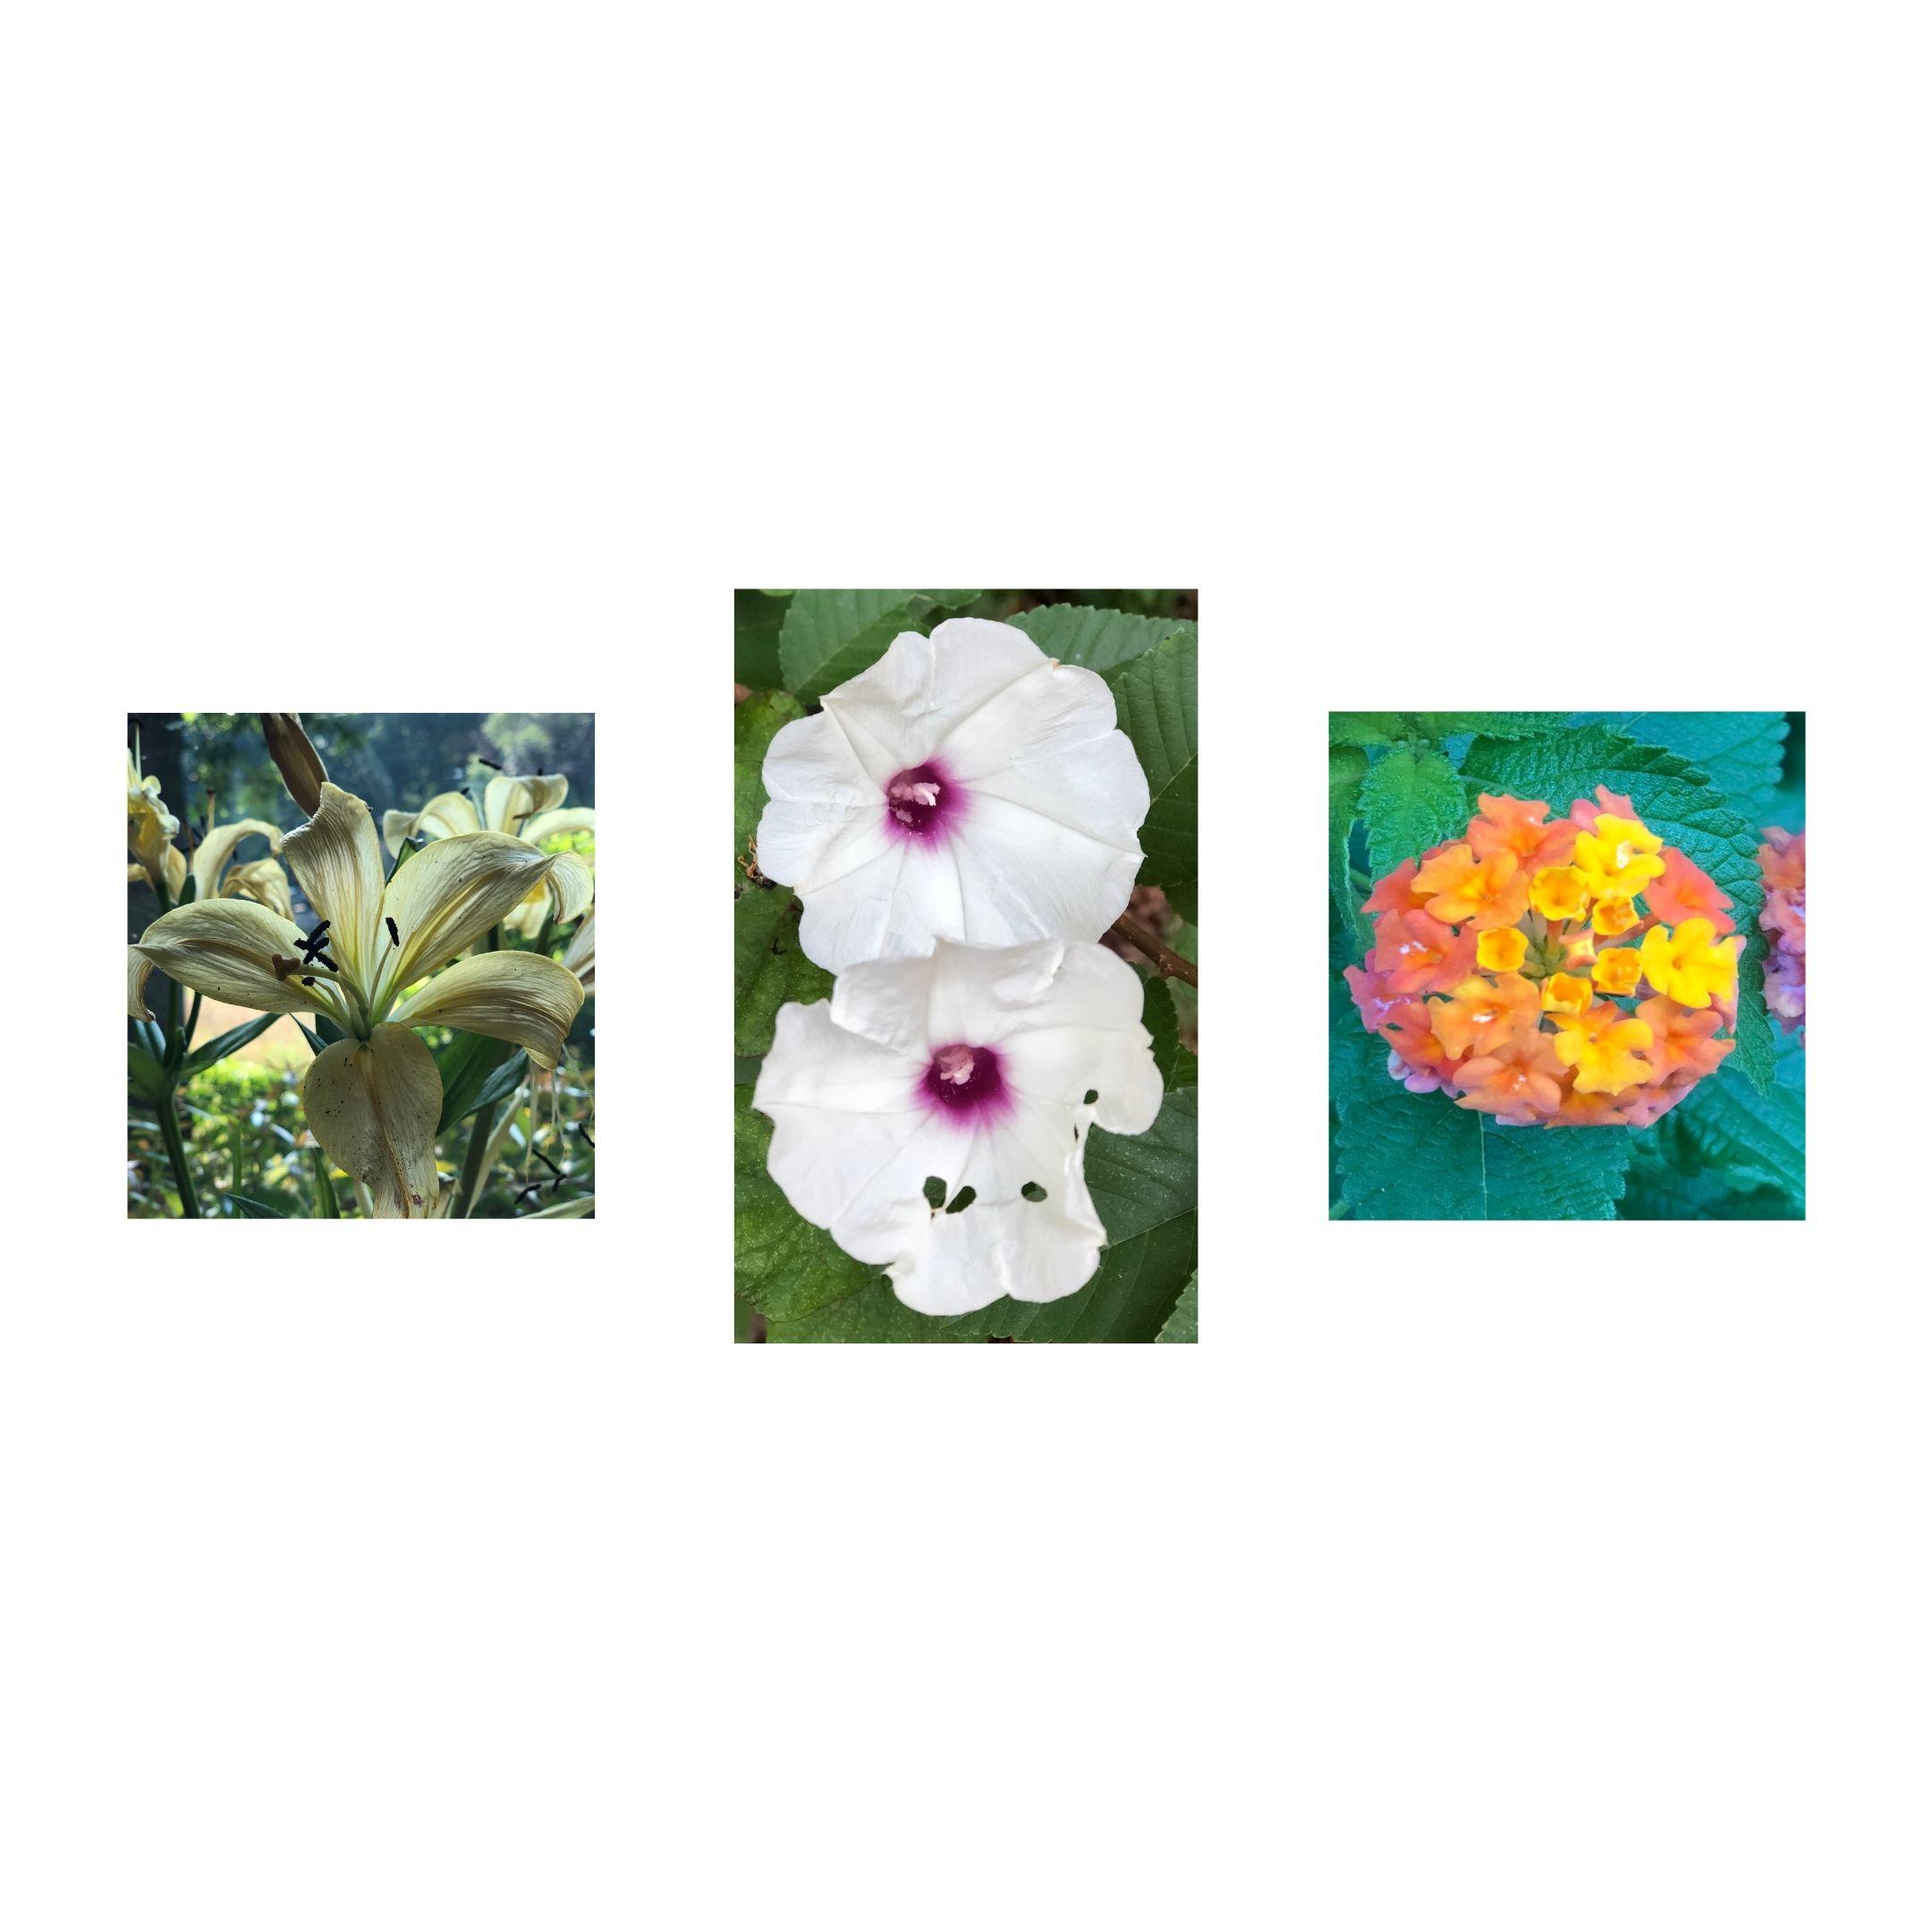 trio of flower shots